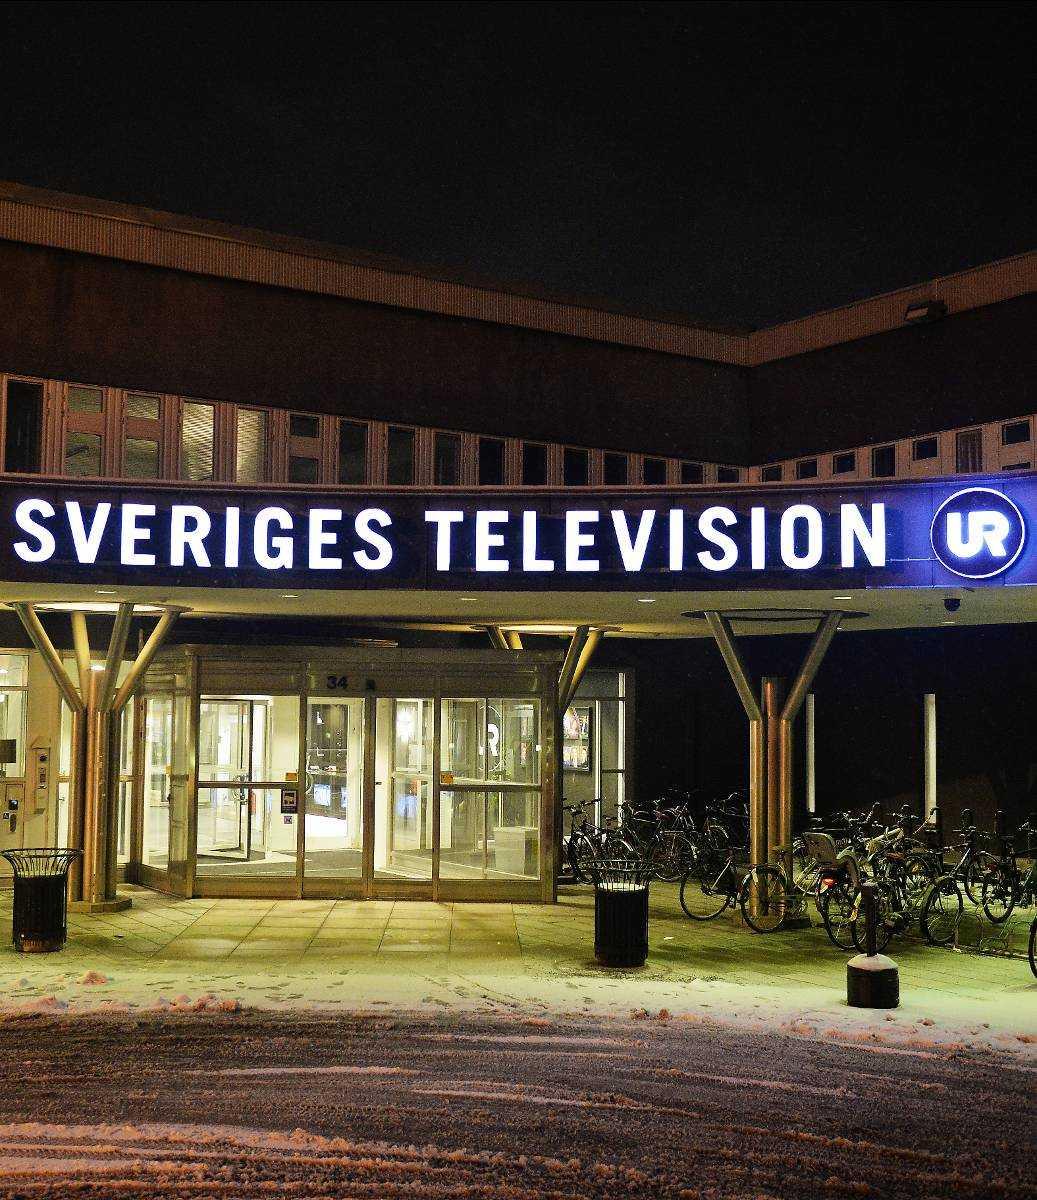 Kränkte SVT-profilen 35-åringen, har hatat och hånat SVT:s programledare Sannah Salameh i en Flashbacktråd med över 400 inlägg. I dag ångrar han sig djupt och vill be henne om ursäkt via Aftonbladet.